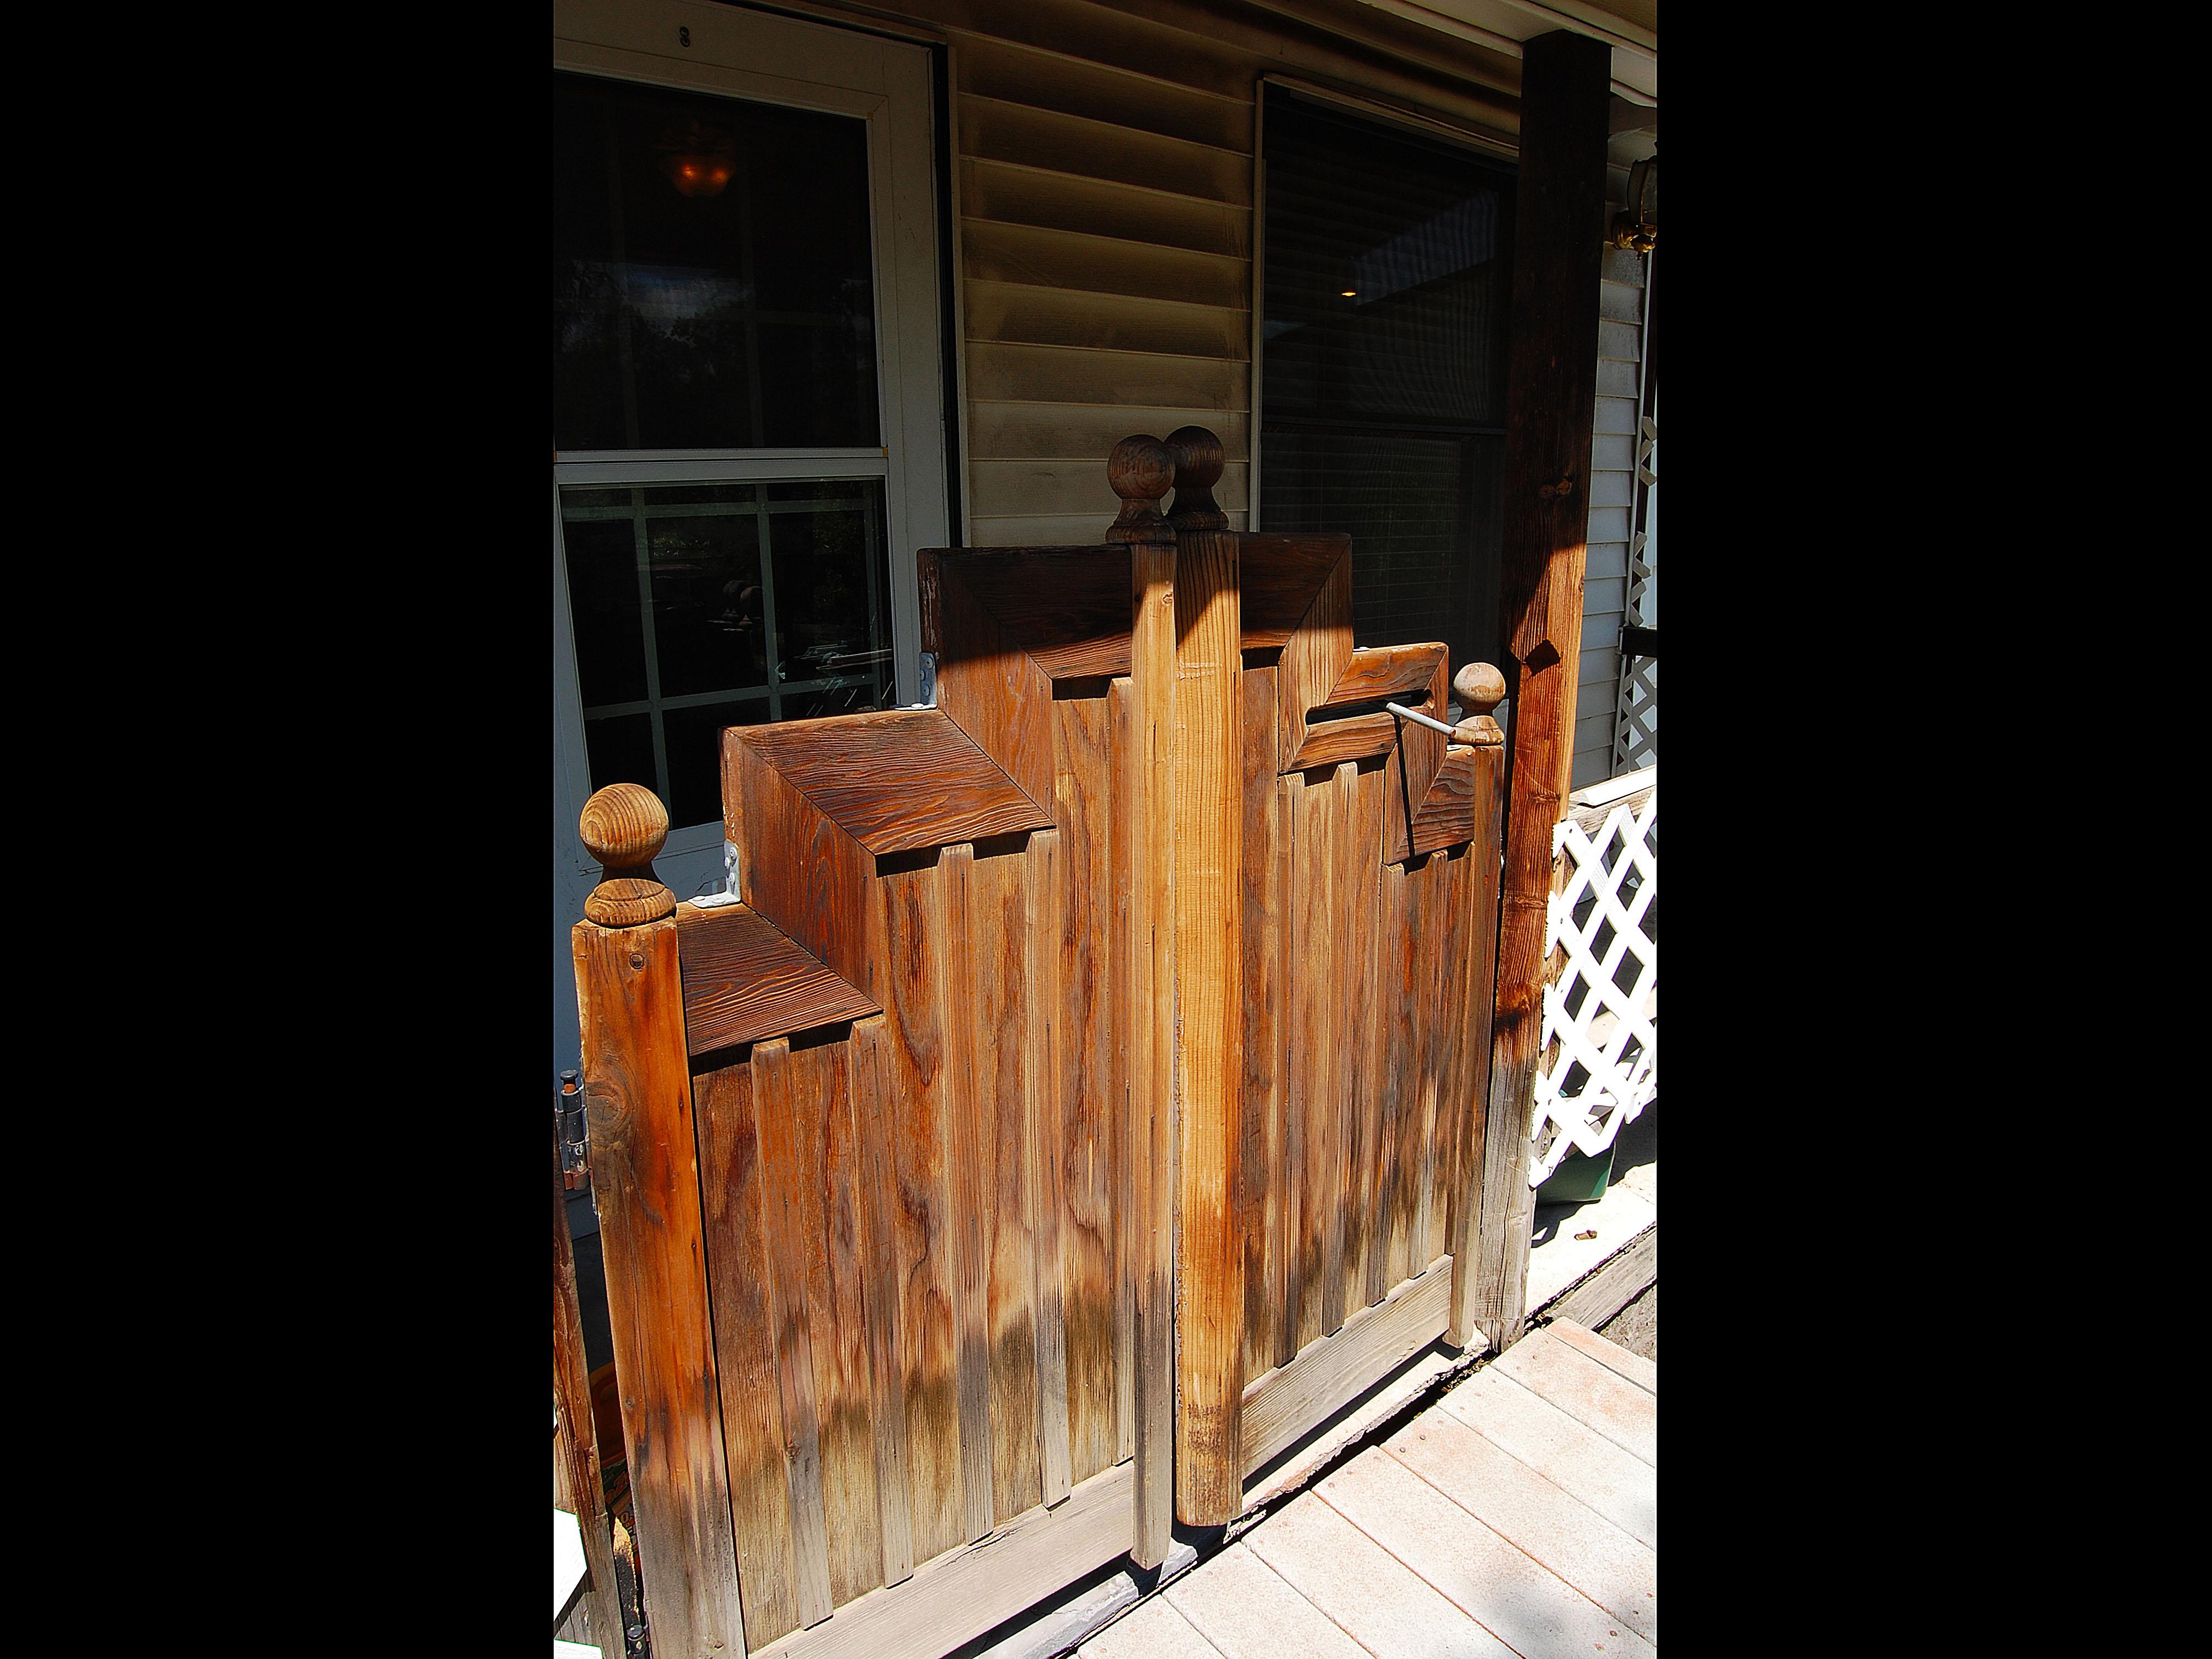 Double Sink Bathroom Cabinets Salt Lake City Ideas Deebonk